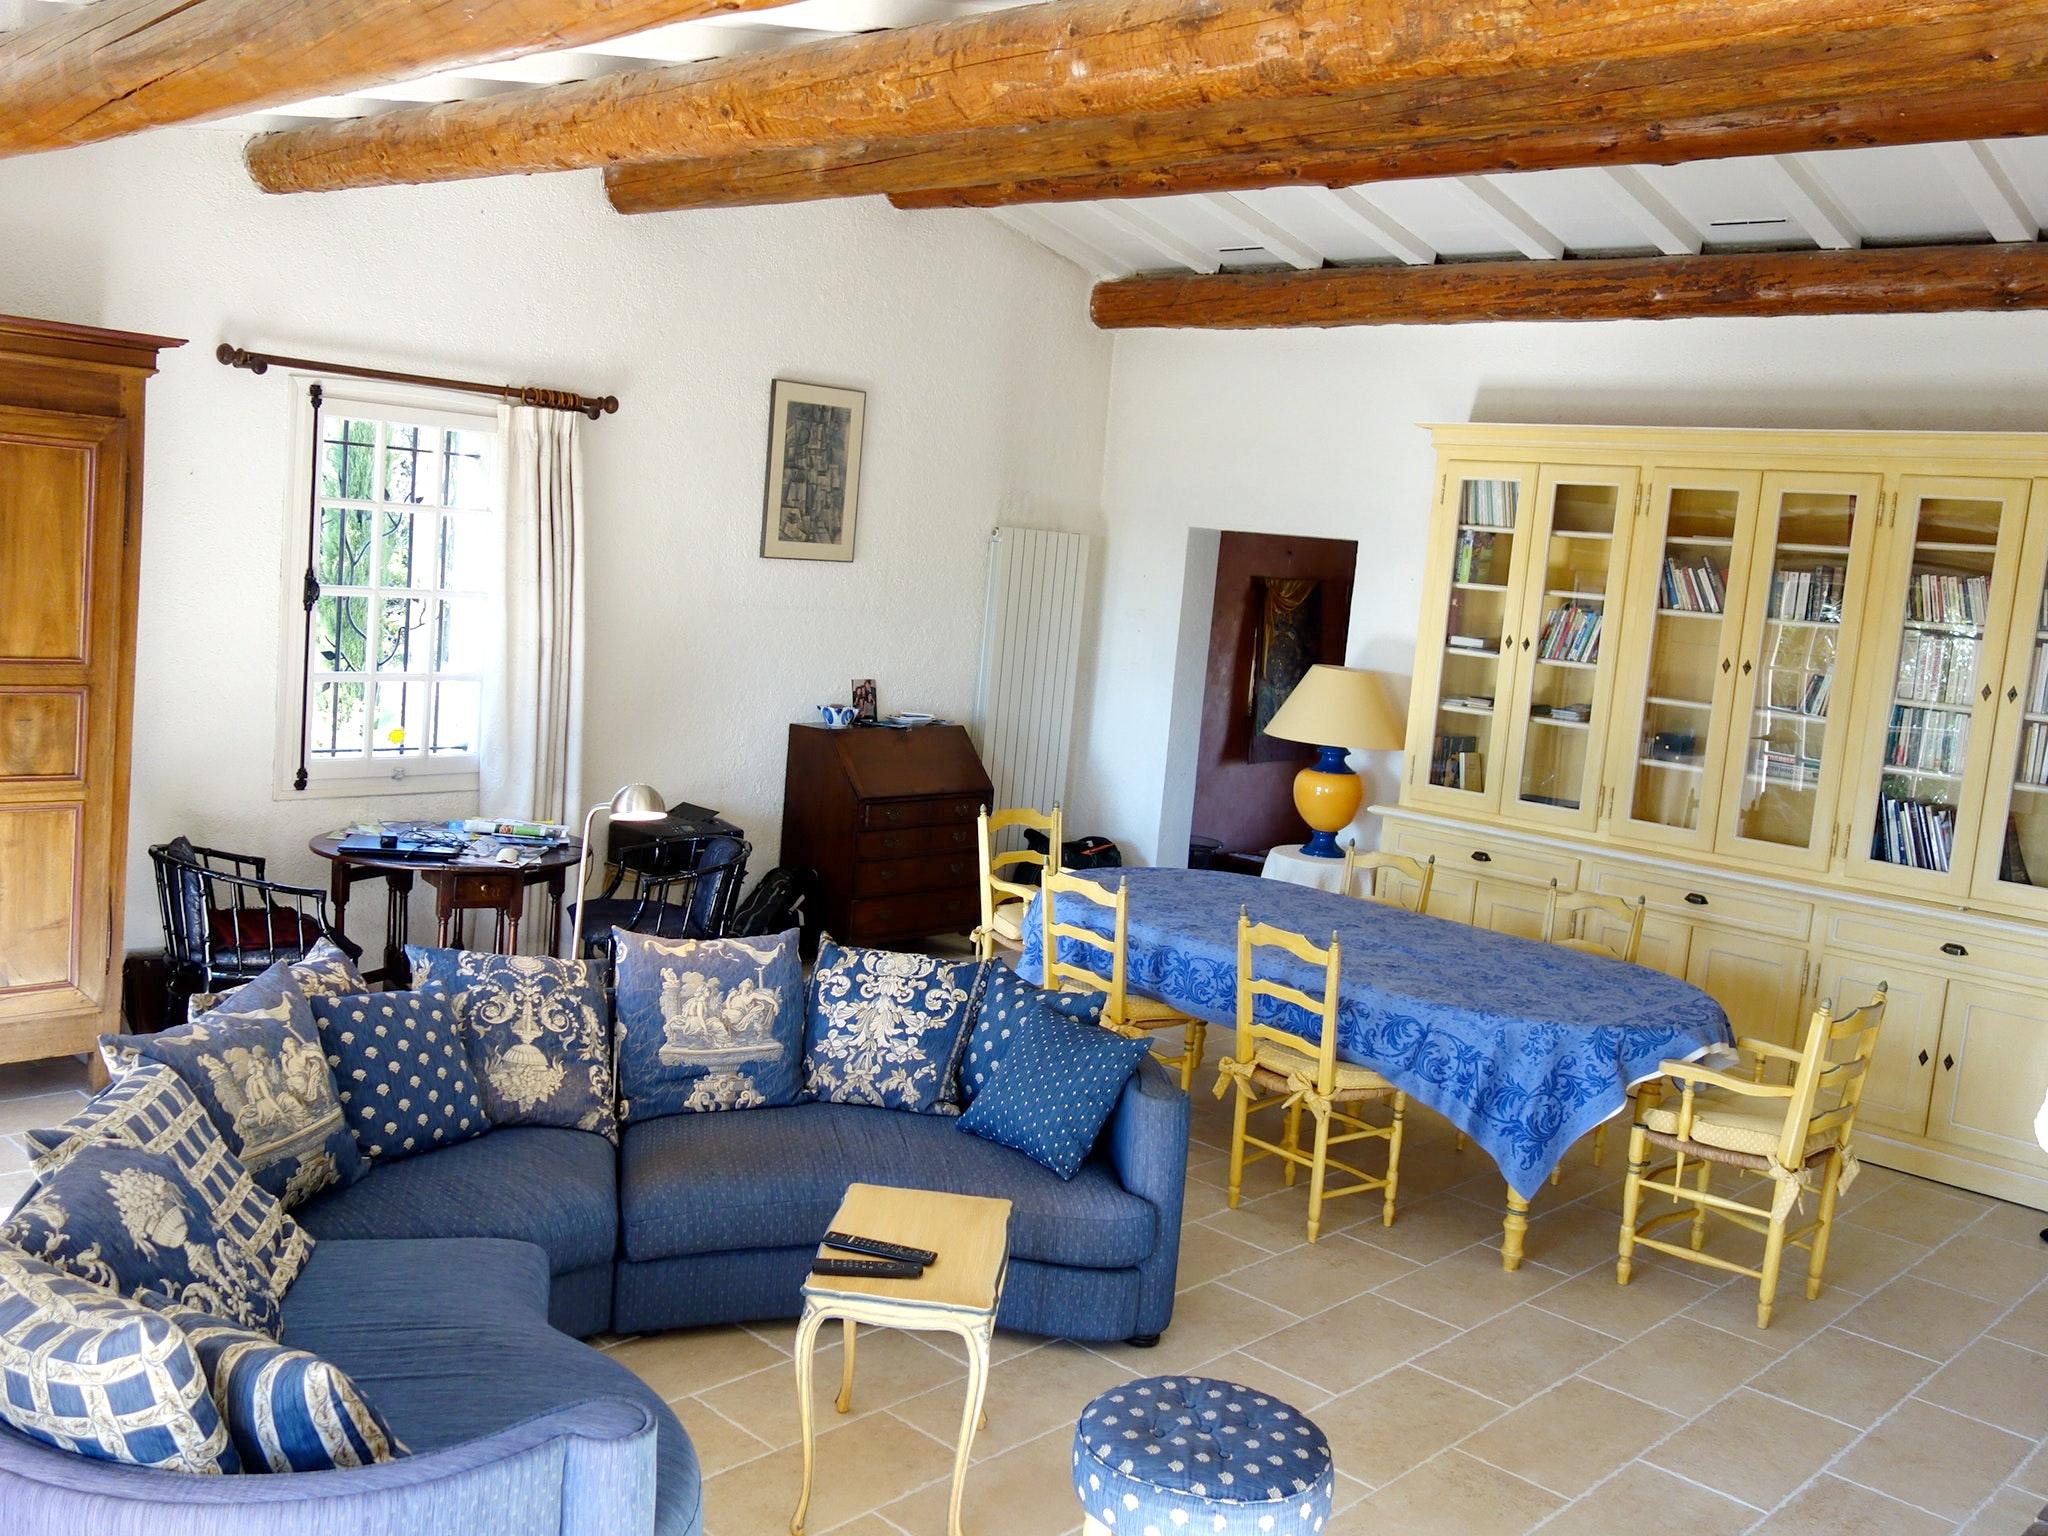 Ferienhaus Villa mit 4 Schlafzimmern in Pernes-les-Fontaines mit toller Aussicht auf die Berge, priva (2519446), Pernes les Fontaines, Saône-et-Loire, Burgund, Frankreich, Bild 31